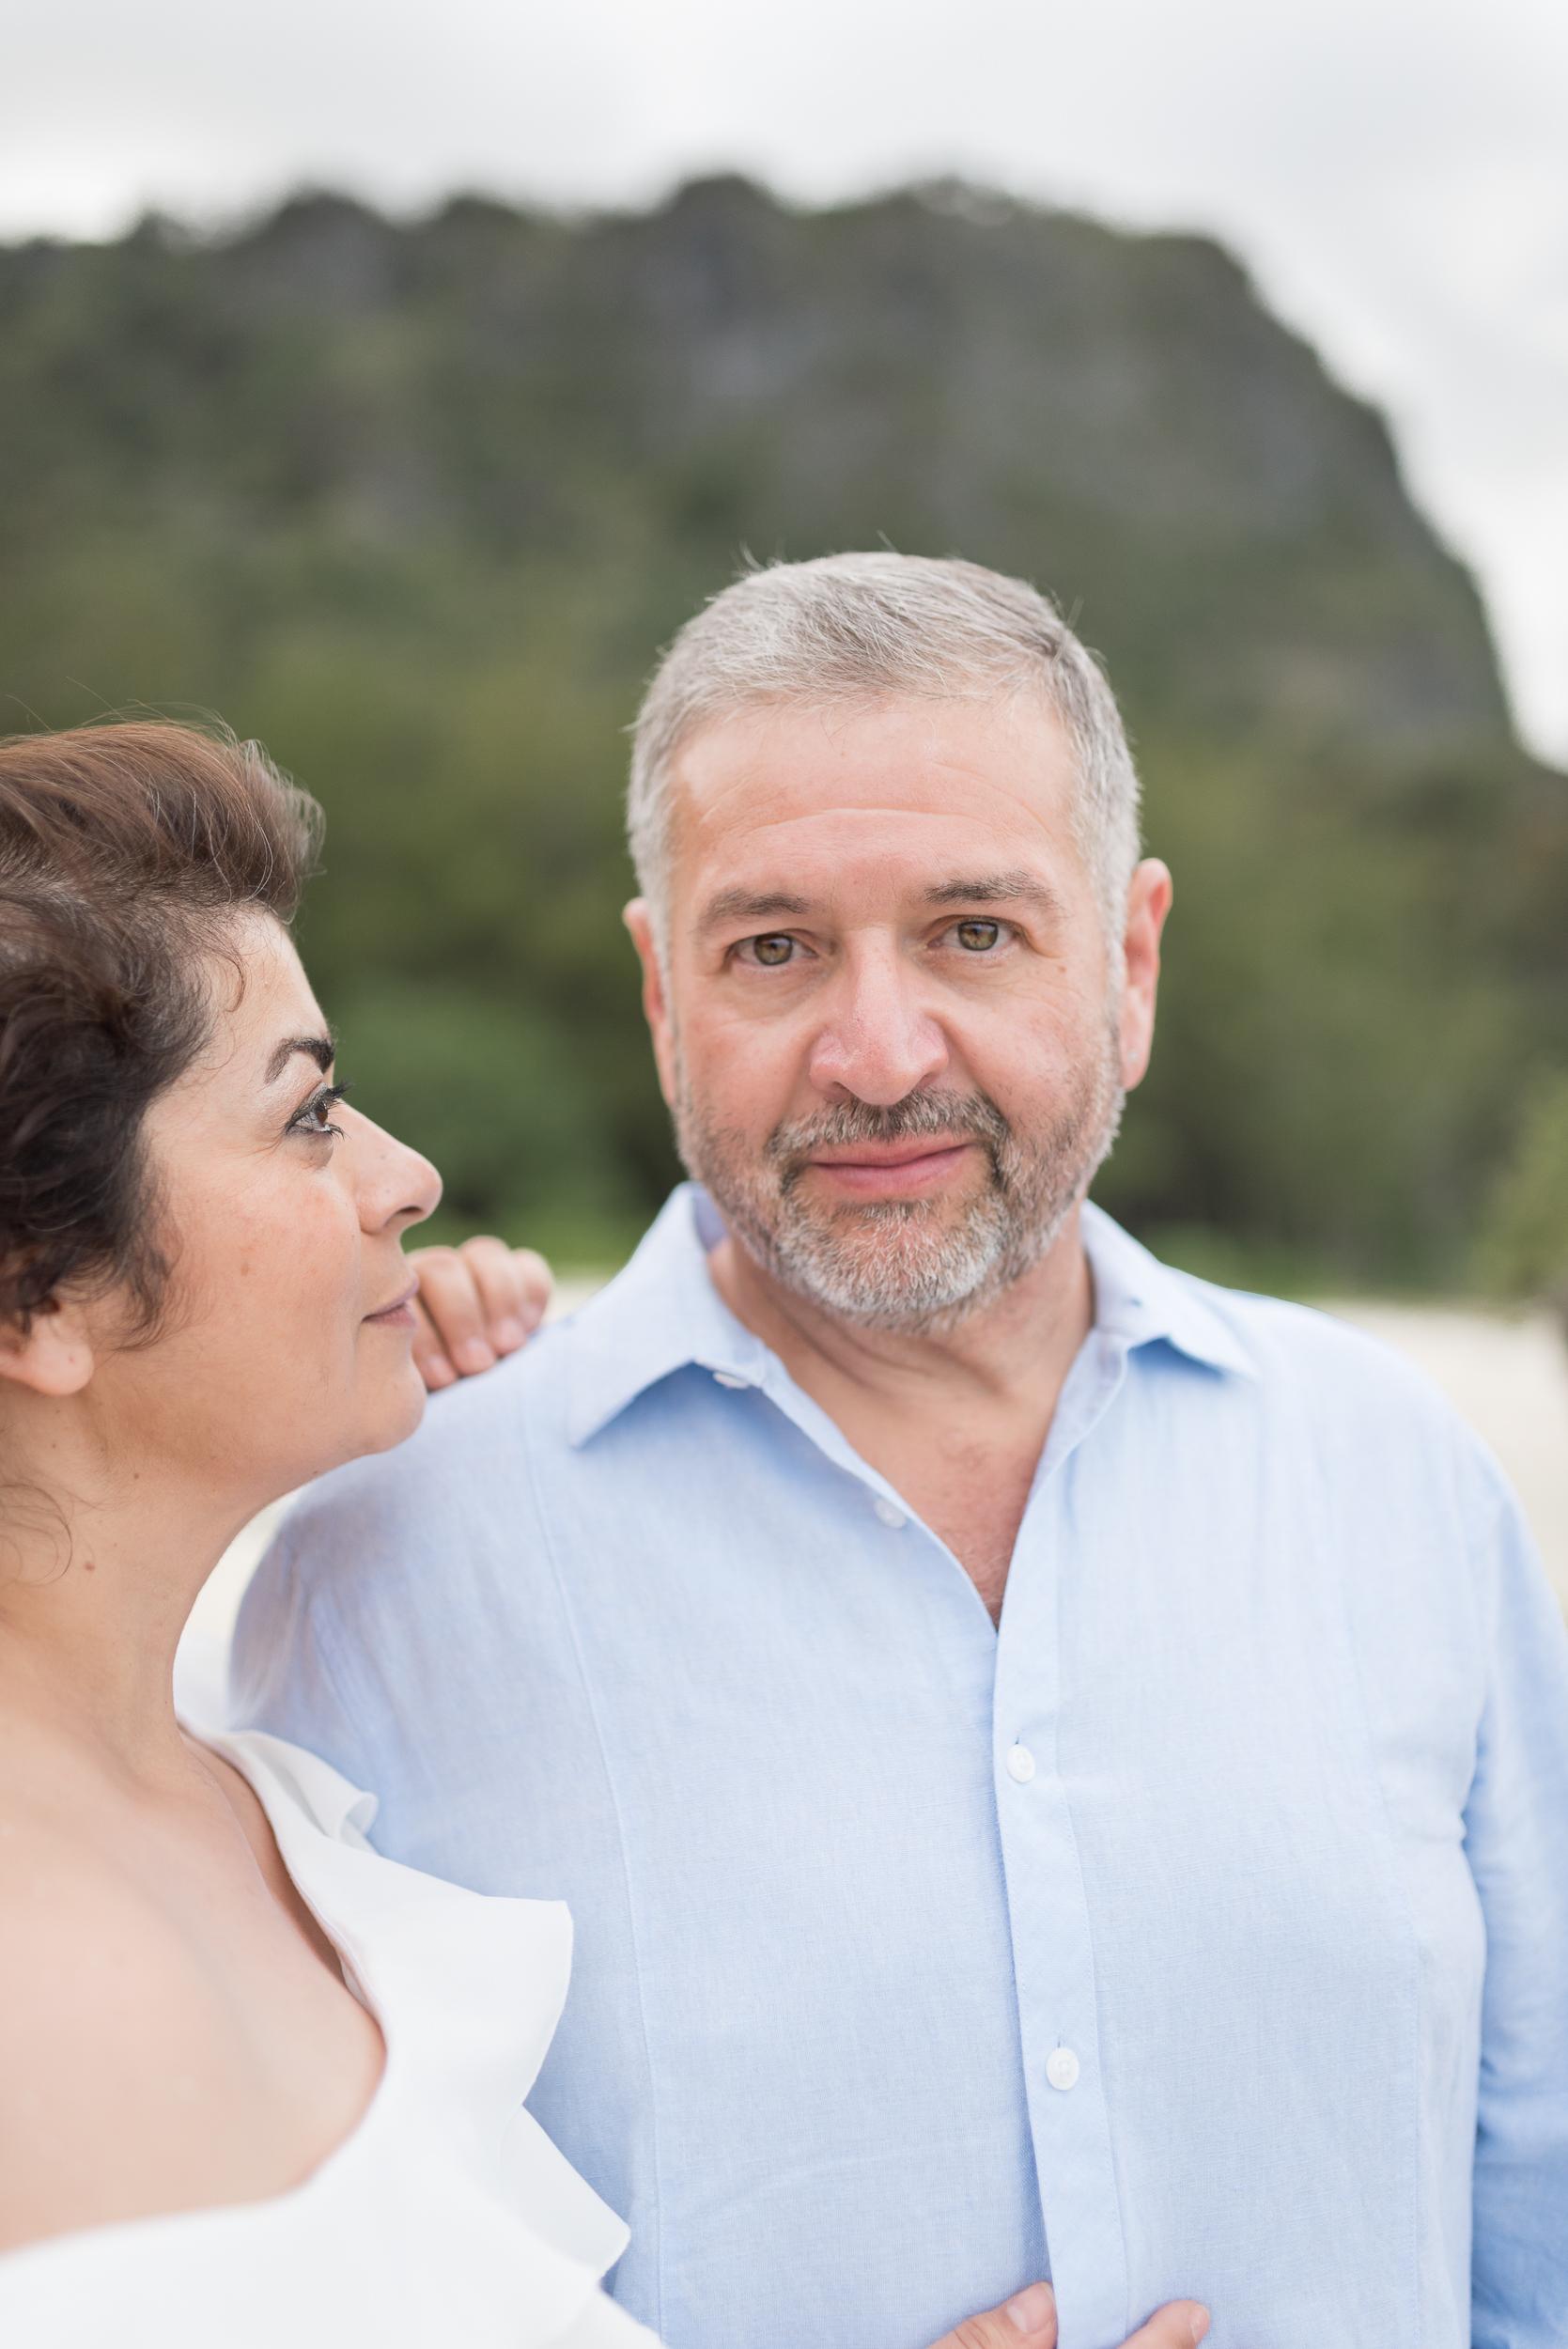 CouplesSessionTaragueGuamPhotographer-ROXANNEAUGUSTA-24.jpg